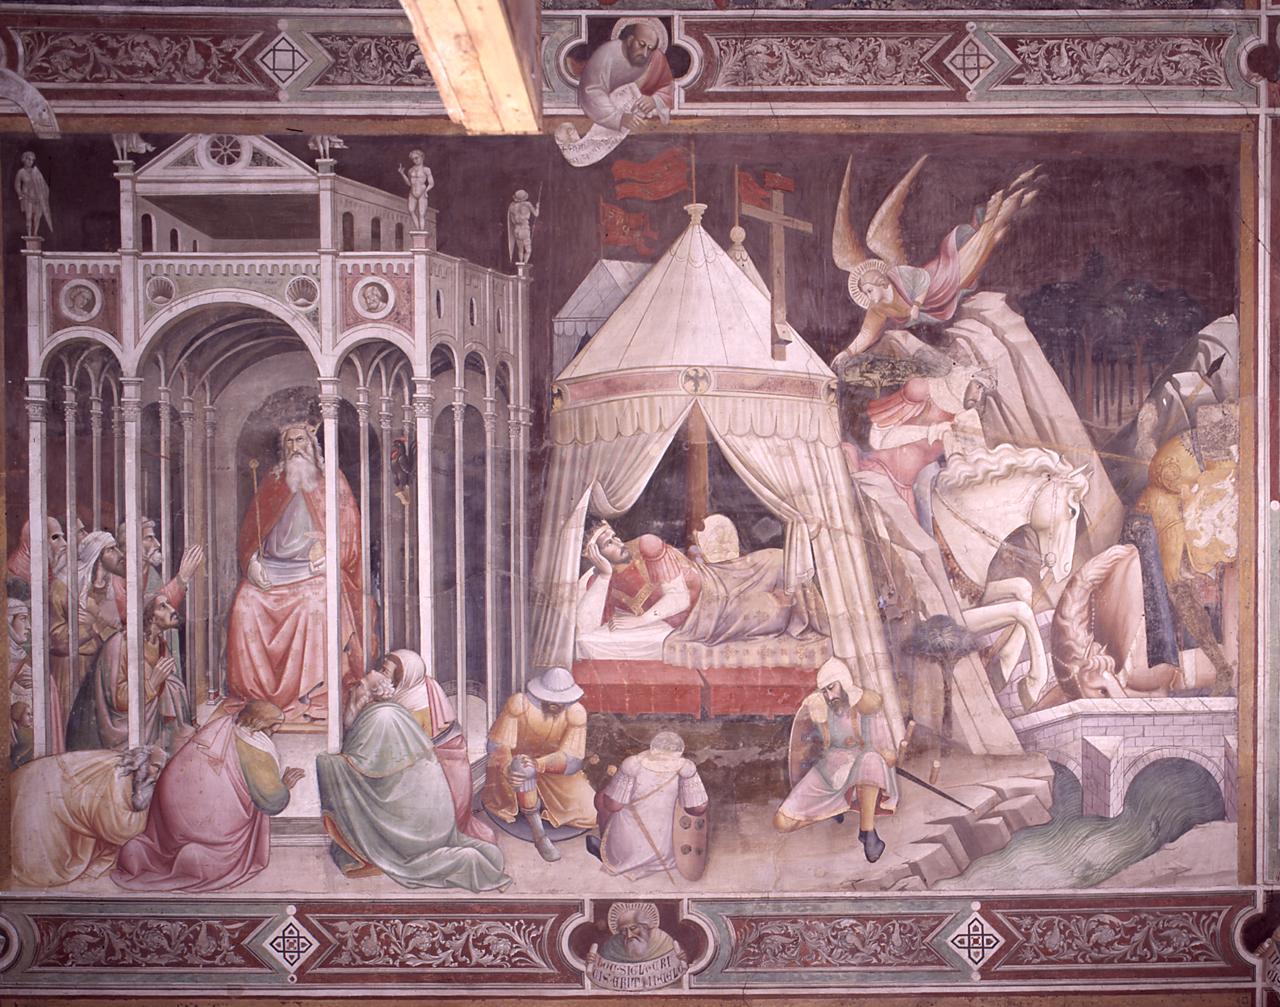 Corsoe II di Persia adorato dai cortigiani, sogno di Eraclio e battaglia di Eraclio e Corsoe II di Persia (dipinto) di Gaddi Agnolo (e aiuti) (sec. XIV)